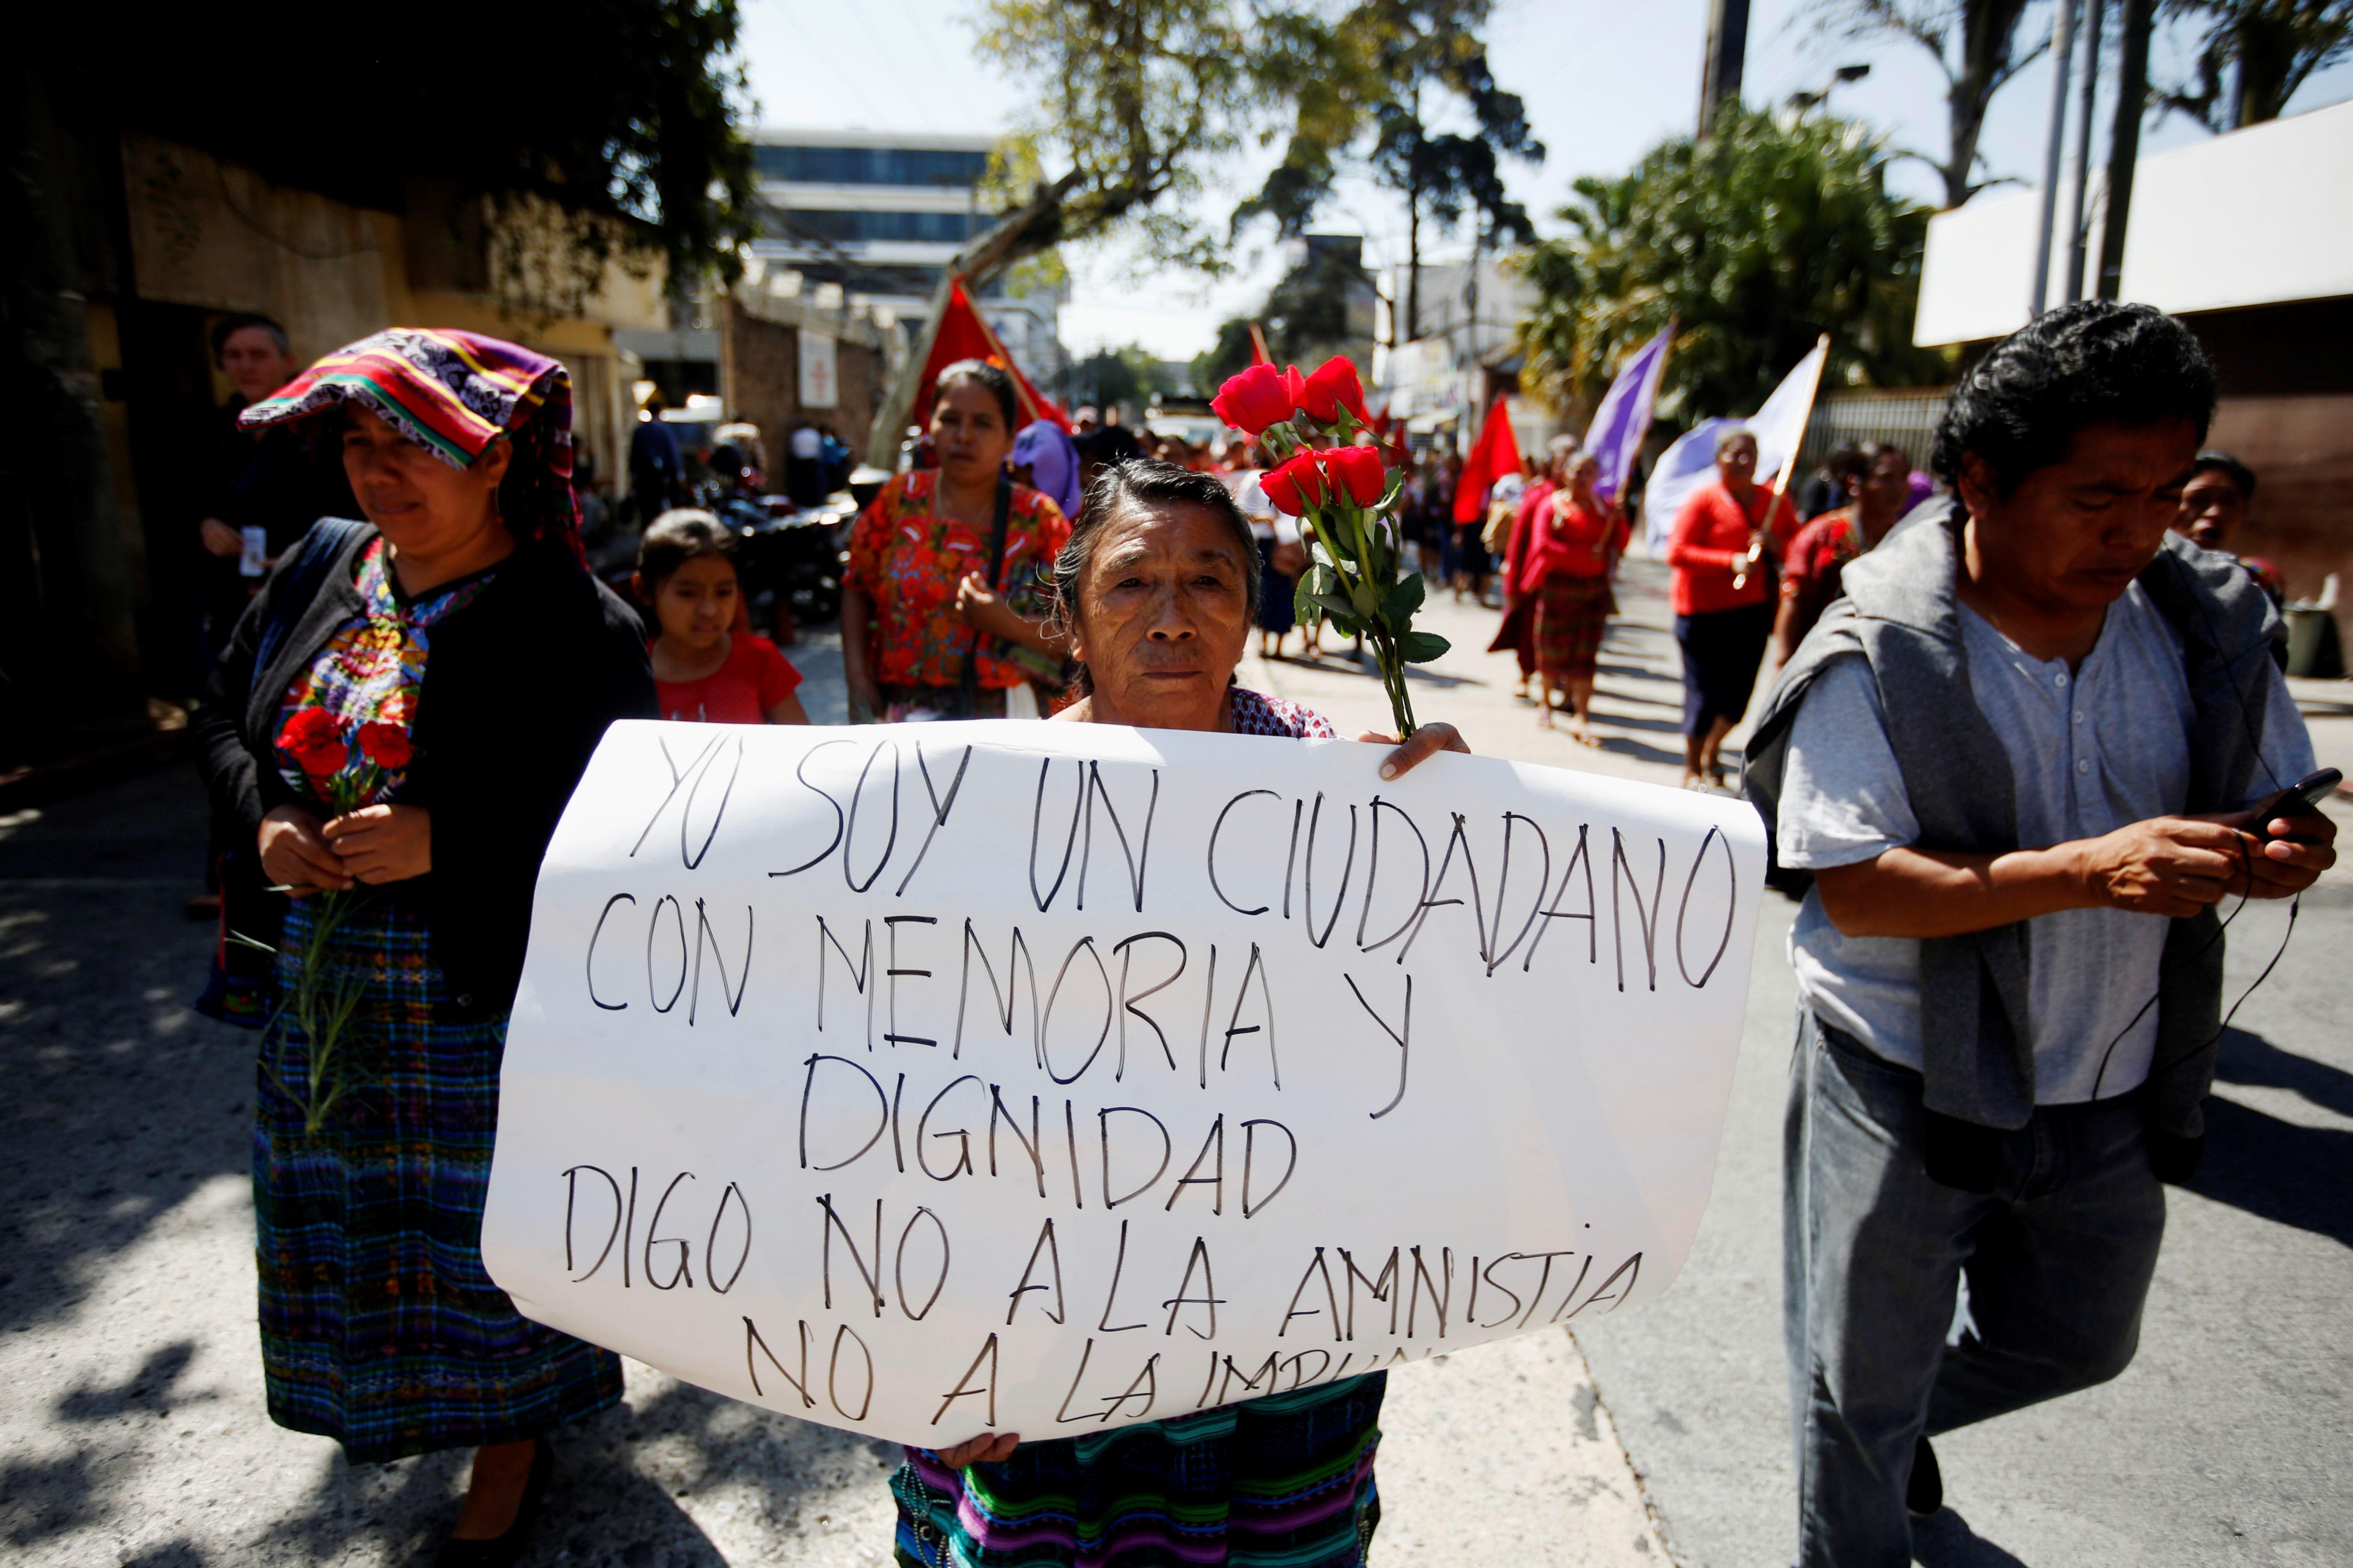 Grupos de víctimas de  crímenes  durante el conflicto armado protestaron contra la reforma legal que busca acabar con la persecución penal contra implicados en estos delitos. (Foto Prensa Libre: Hemeroteca PL)